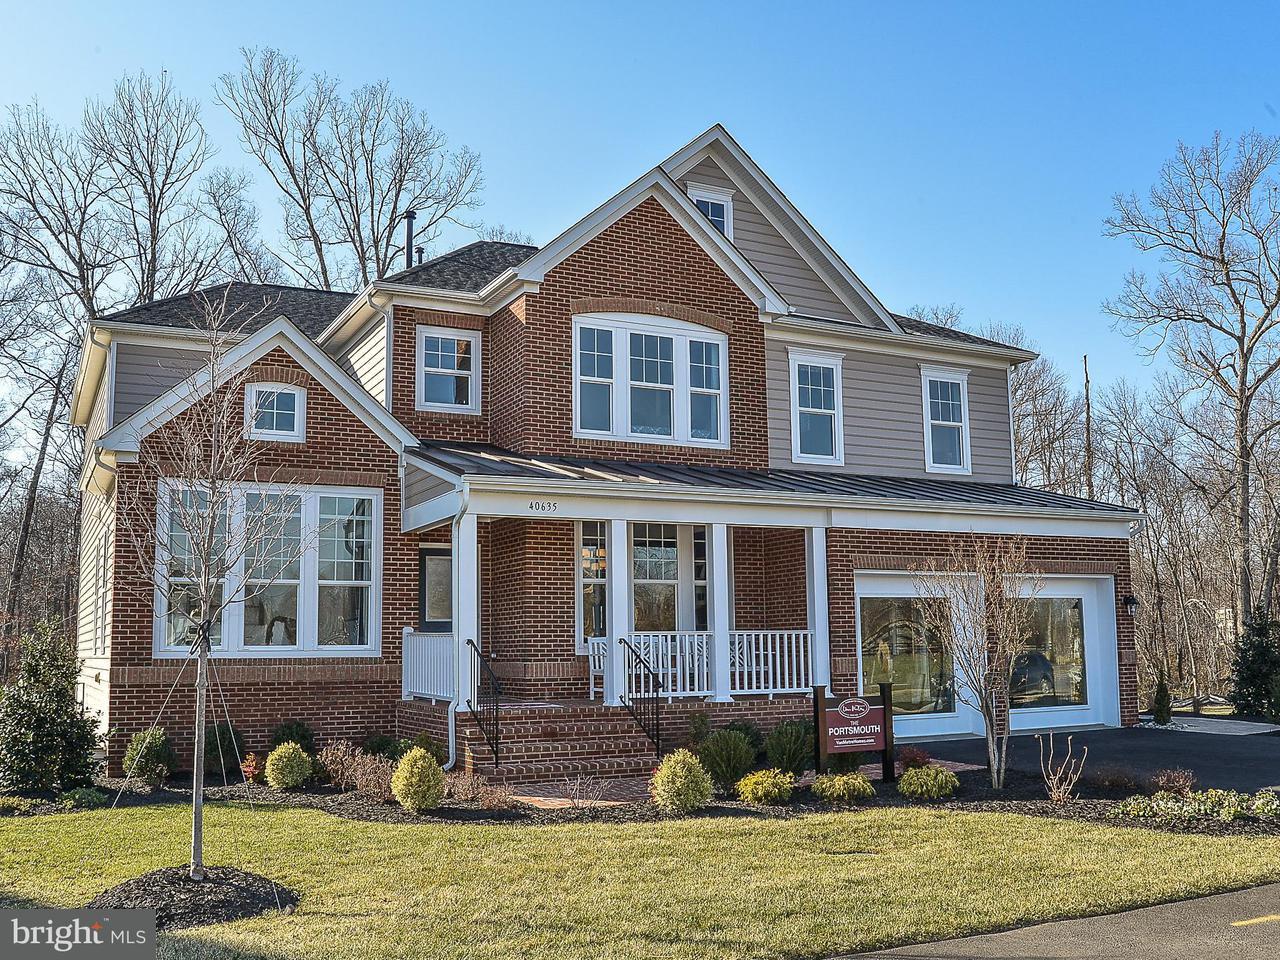 Μονοκατοικία για την Πώληση στο 42302 Stonemont Cir E 42302 Stonemont Cir E Brambleton, Βιρτζινια 20148 Ηνωμενεσ Πολιτειεσ